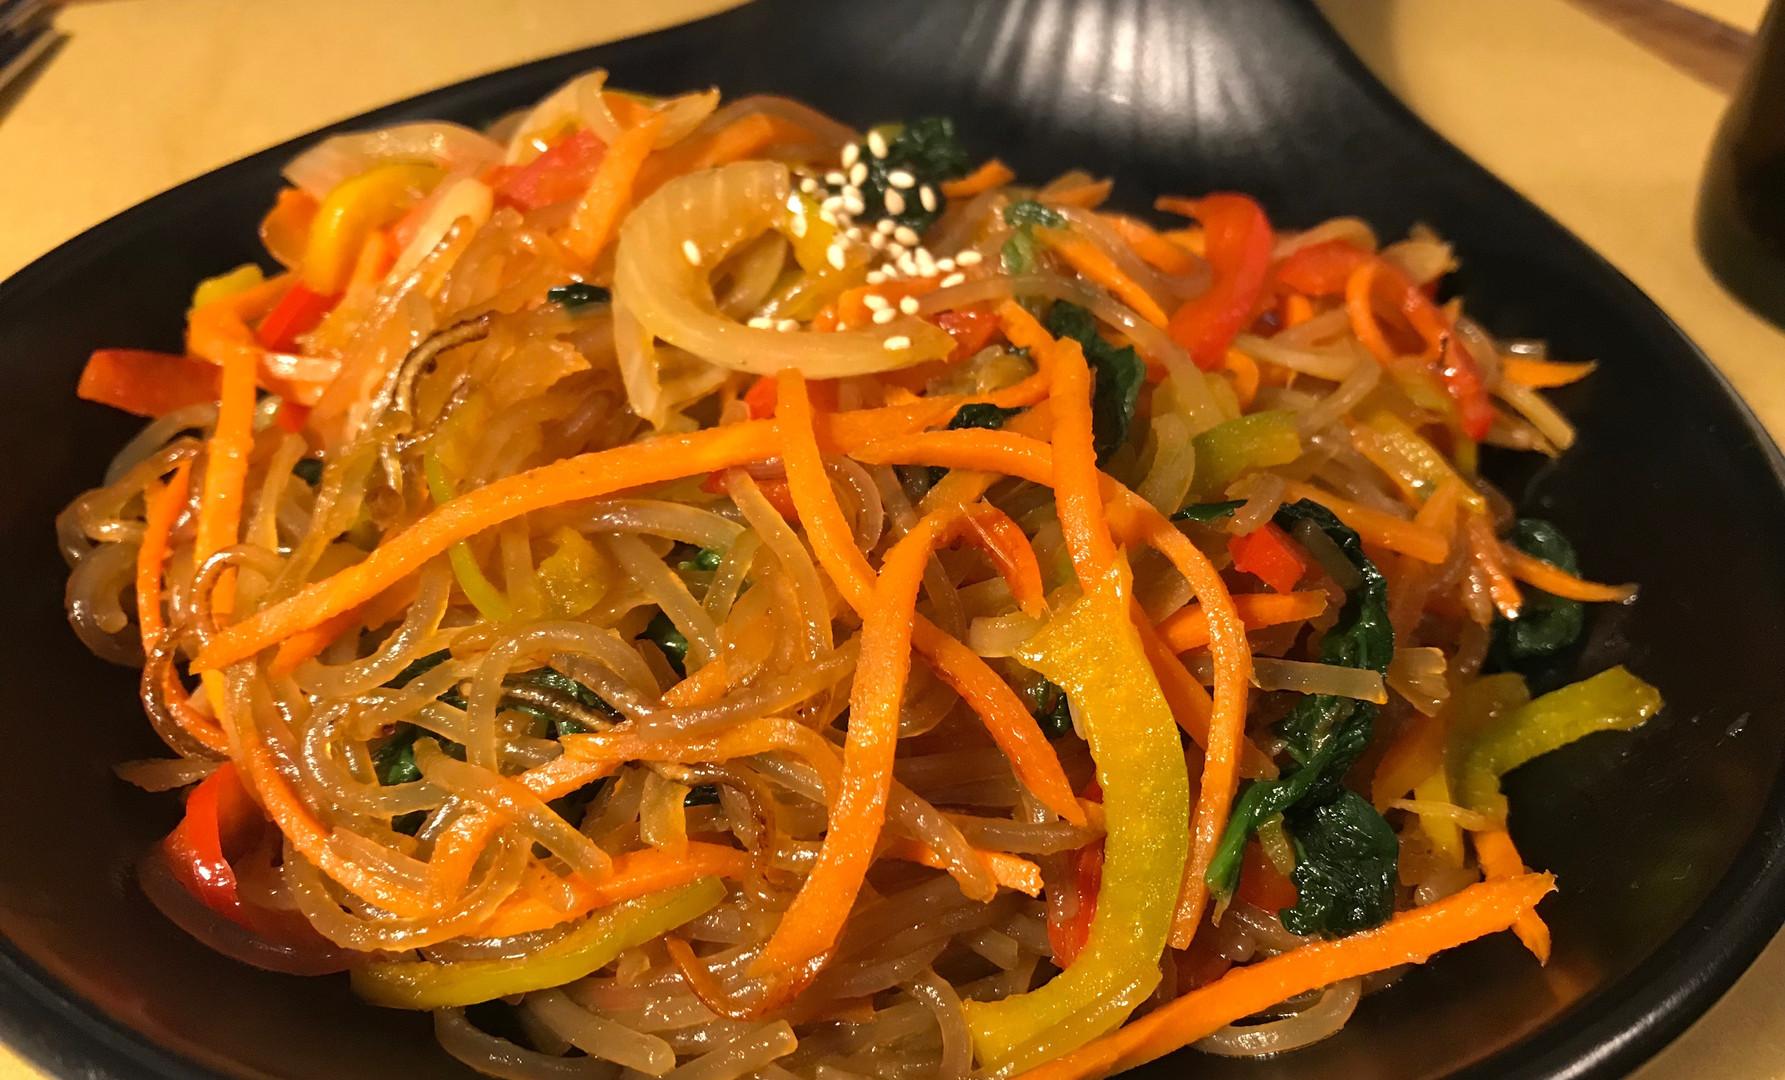 Yace Giapce: spaghetti di fecola di patate dolci, spinaci, carote, cipolla, peperoni, salsa di soia, olio di sesamo